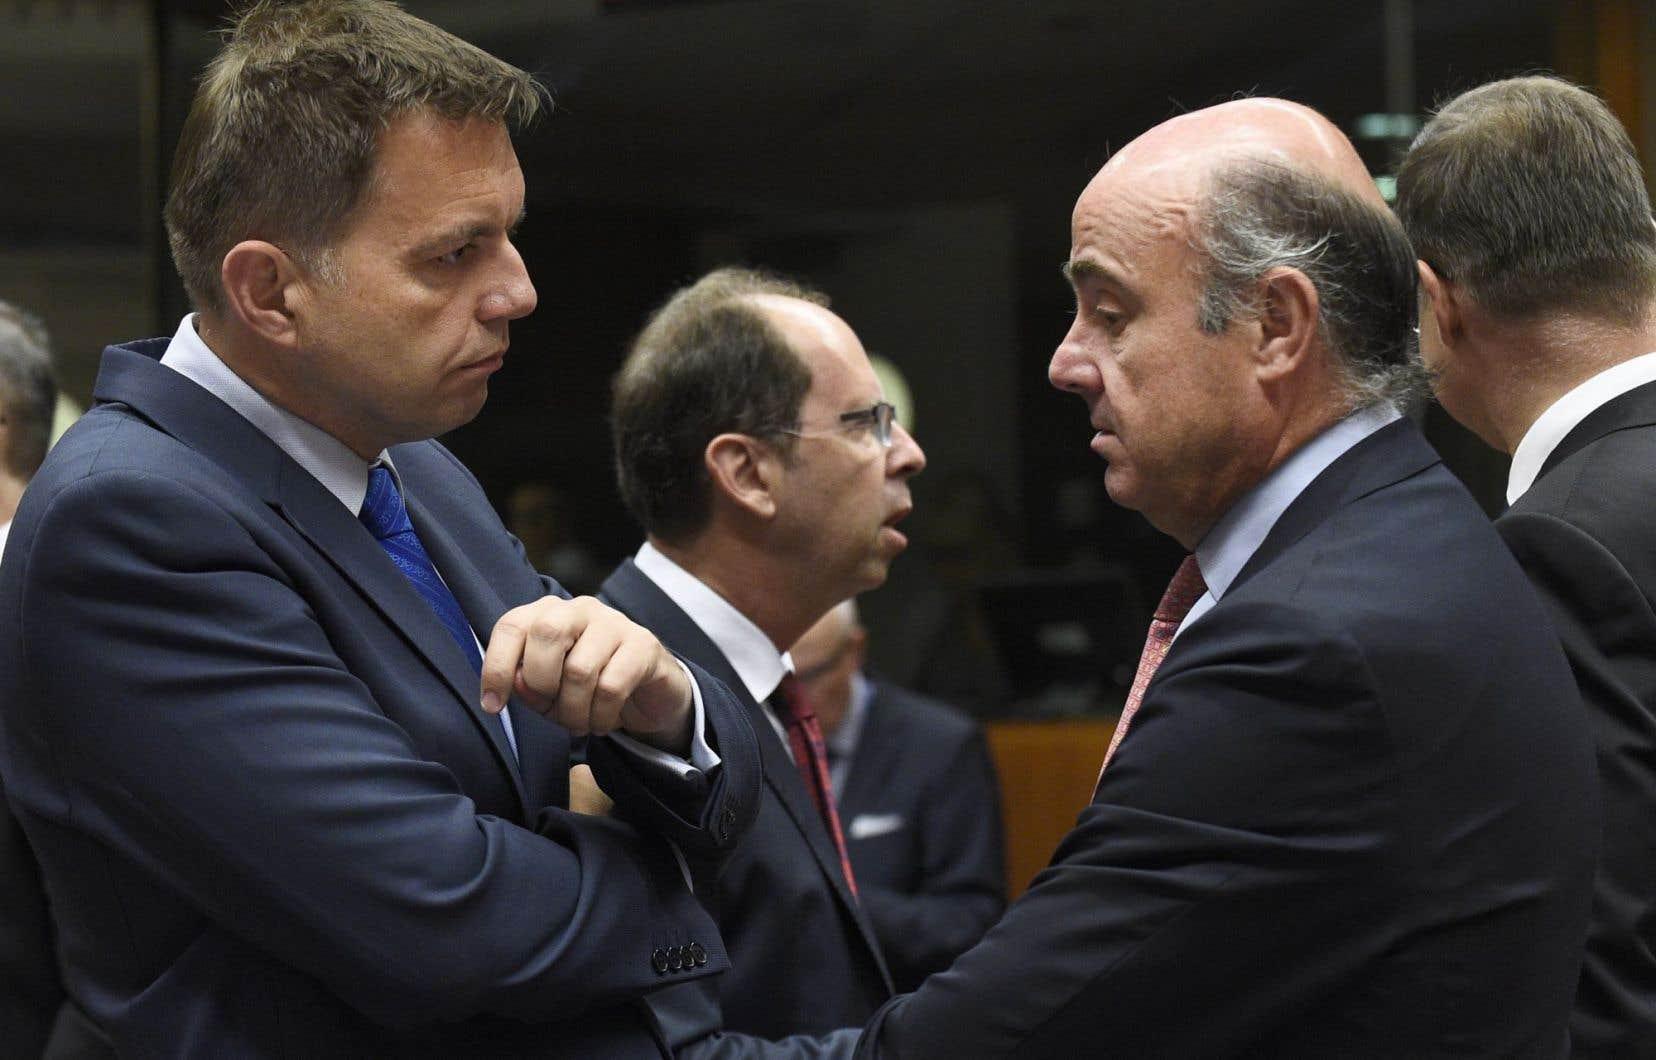 Le ministre espagnol des Finances, Luis de Guingos (à droite), discute avec son homologue slovaque, Peter Kazimir, à la réunion des ministres des Finances de la zone euro, mardi, à Bruxelles.